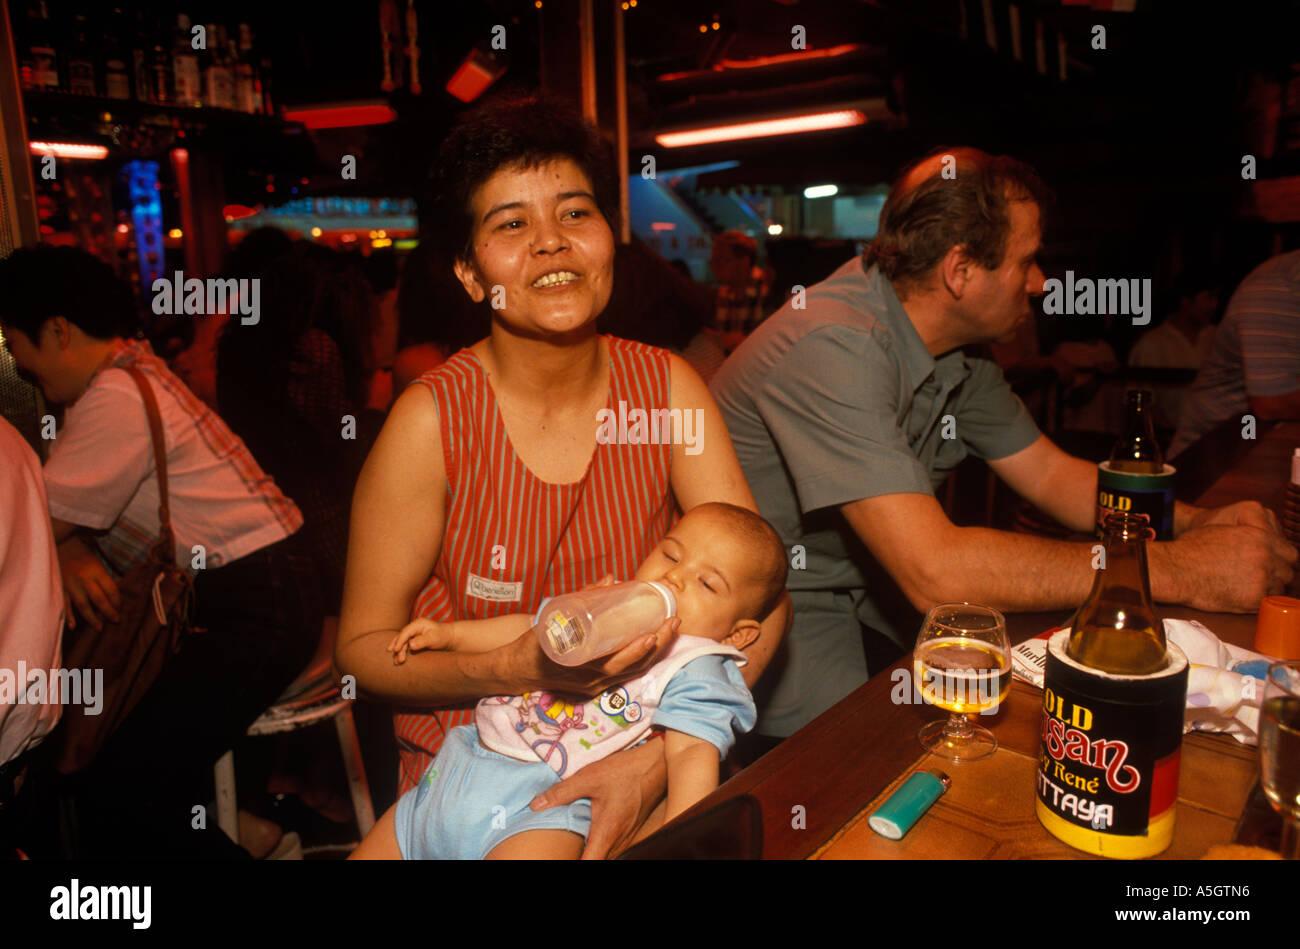 Documentary thai bar girl Behind The